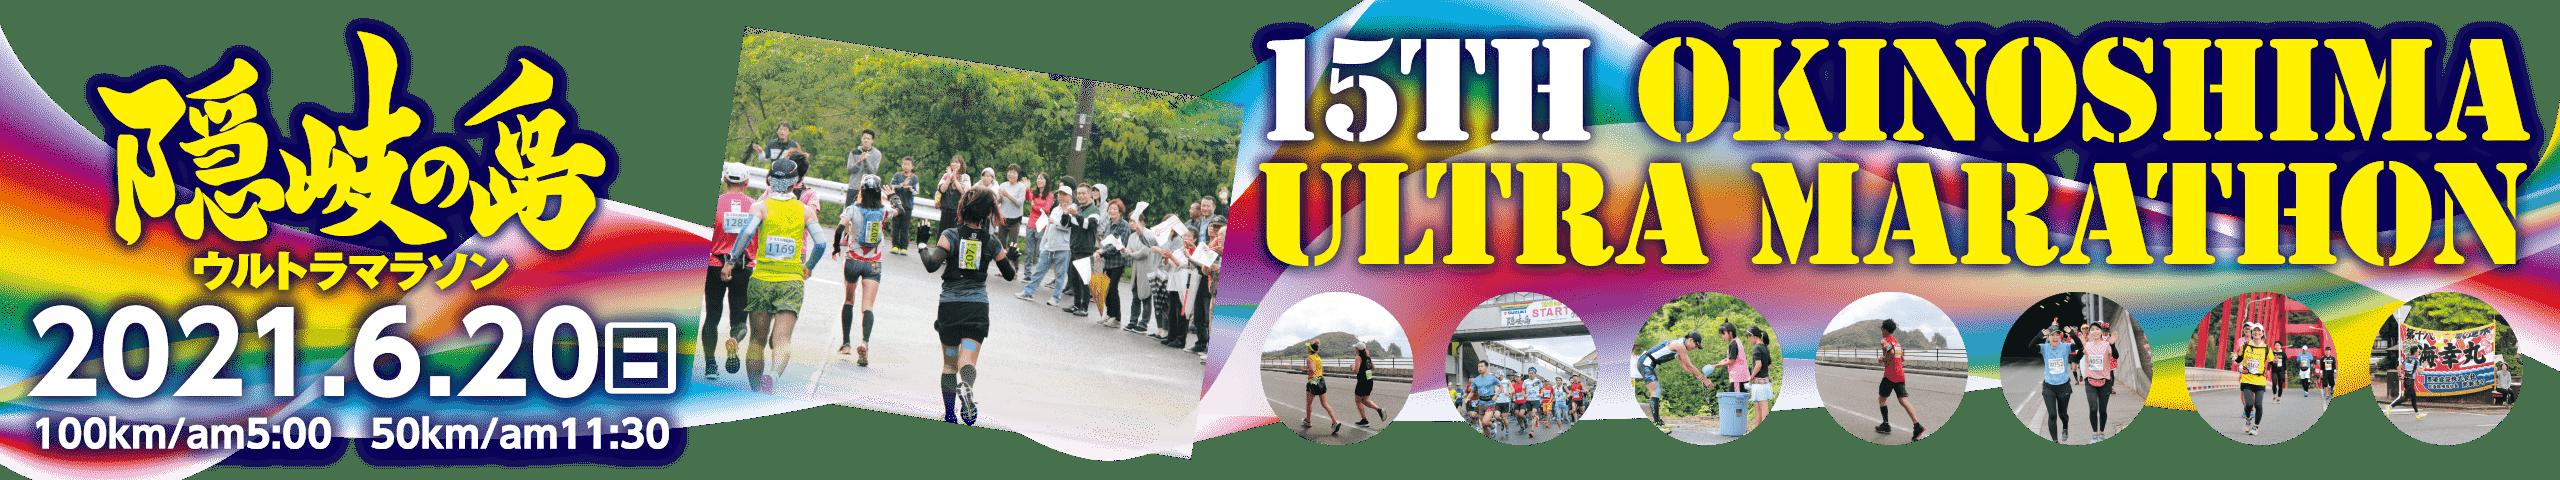 第15回隠岐の島ウルトラマラソン【公式】